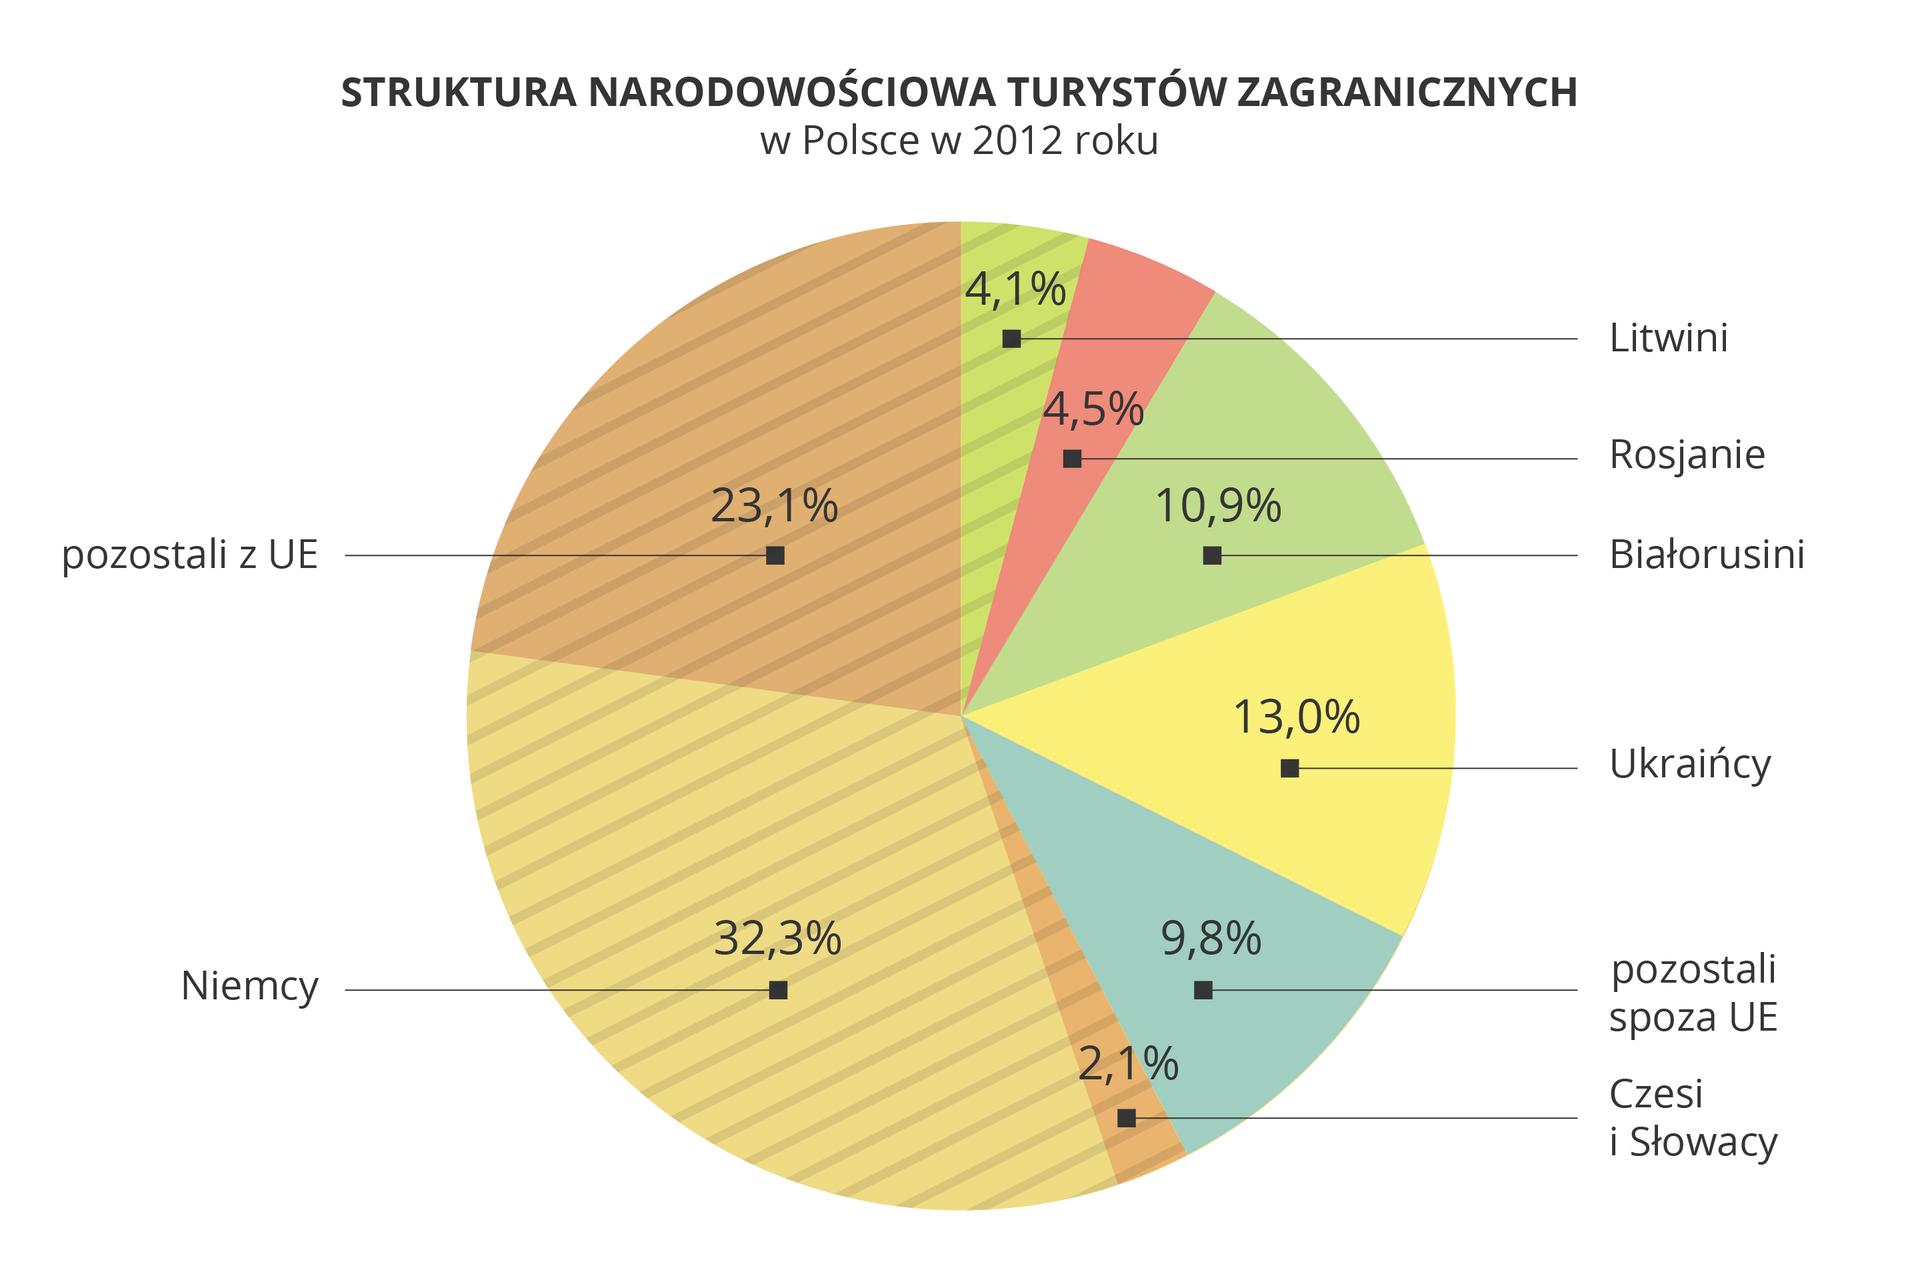 Na ilustracji diagram kołowy Struktura narodowościowa turystów zagranicznych wPolsce zuwzględnieniem państw sąsiednich iUnii Europejskiej. Rosjanie4,50%Białorusini10,90%Ukraińcy13,00%Pozostali spoza UE9,80%Litwini4,10%Czesi iSłowacy2,10%Niemcy32,30%Pozostali zUE23,10%